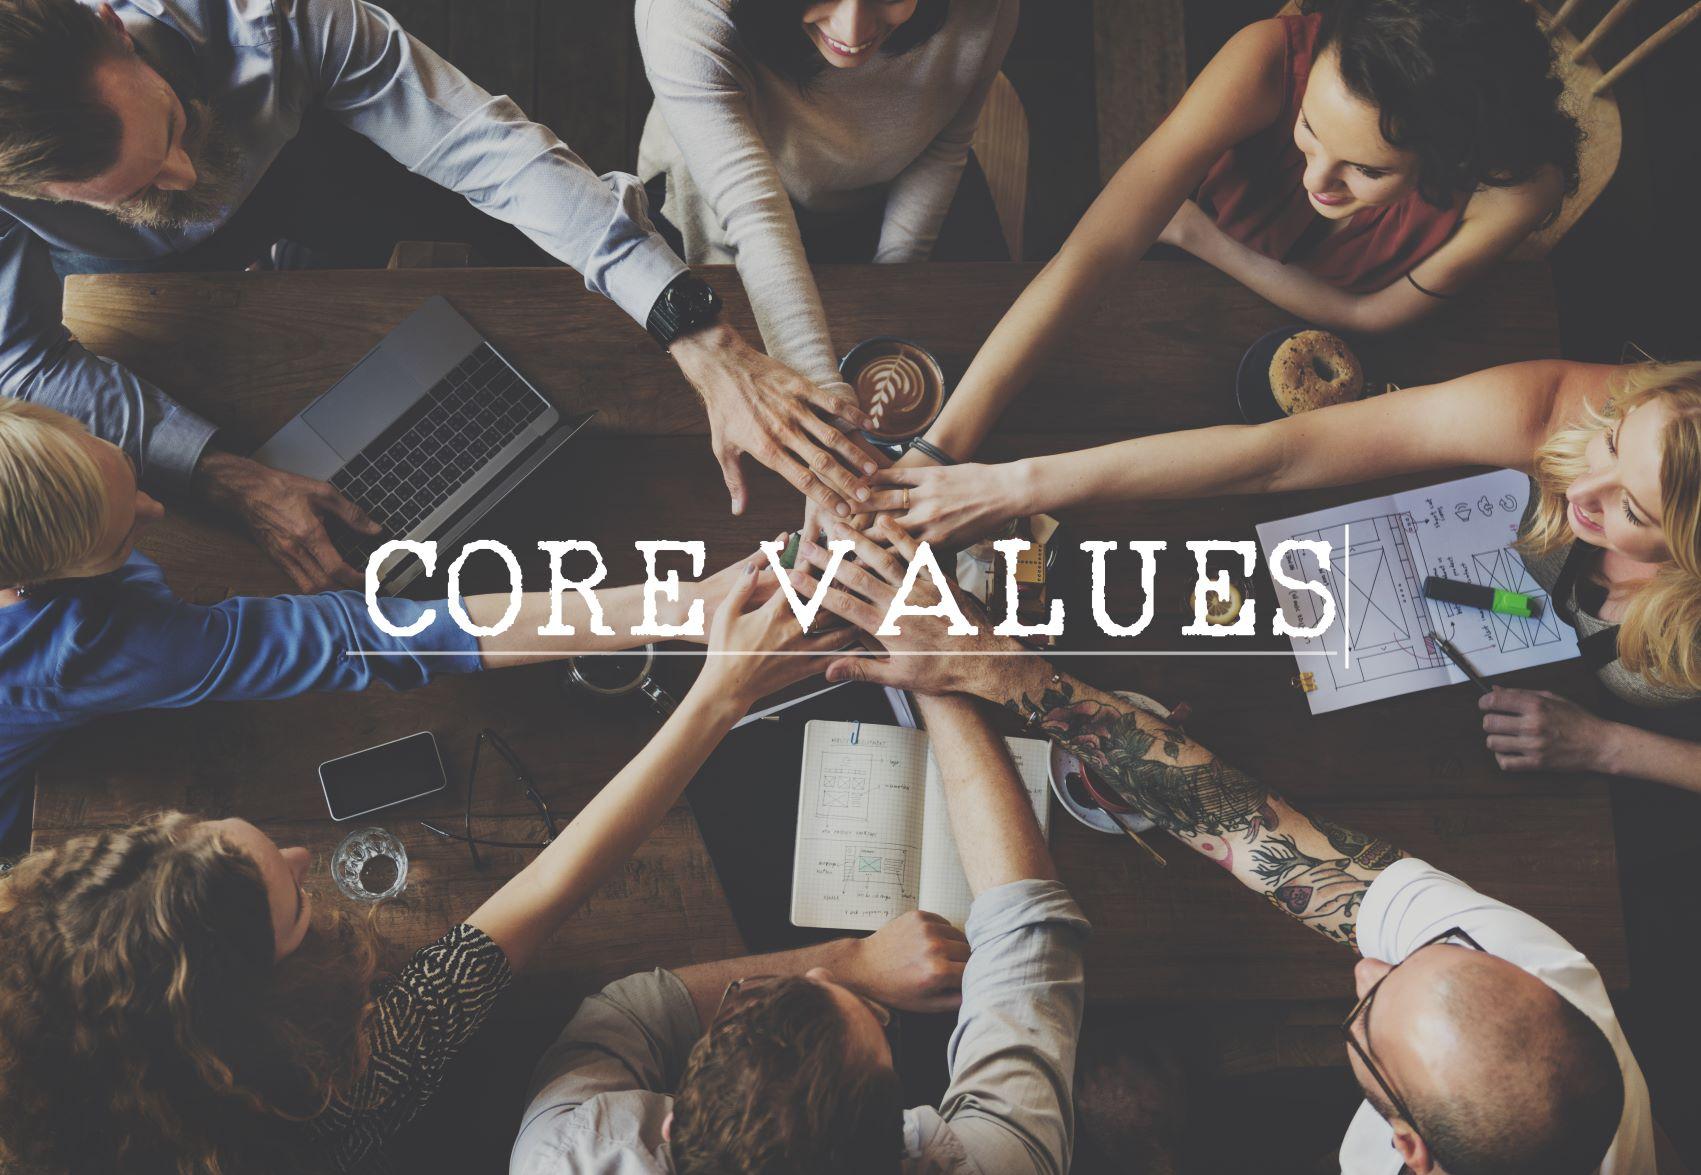 Zusammenhalten, Zusammenrücken, Zusammenarbeiten -Werte schaffen, die verbinden